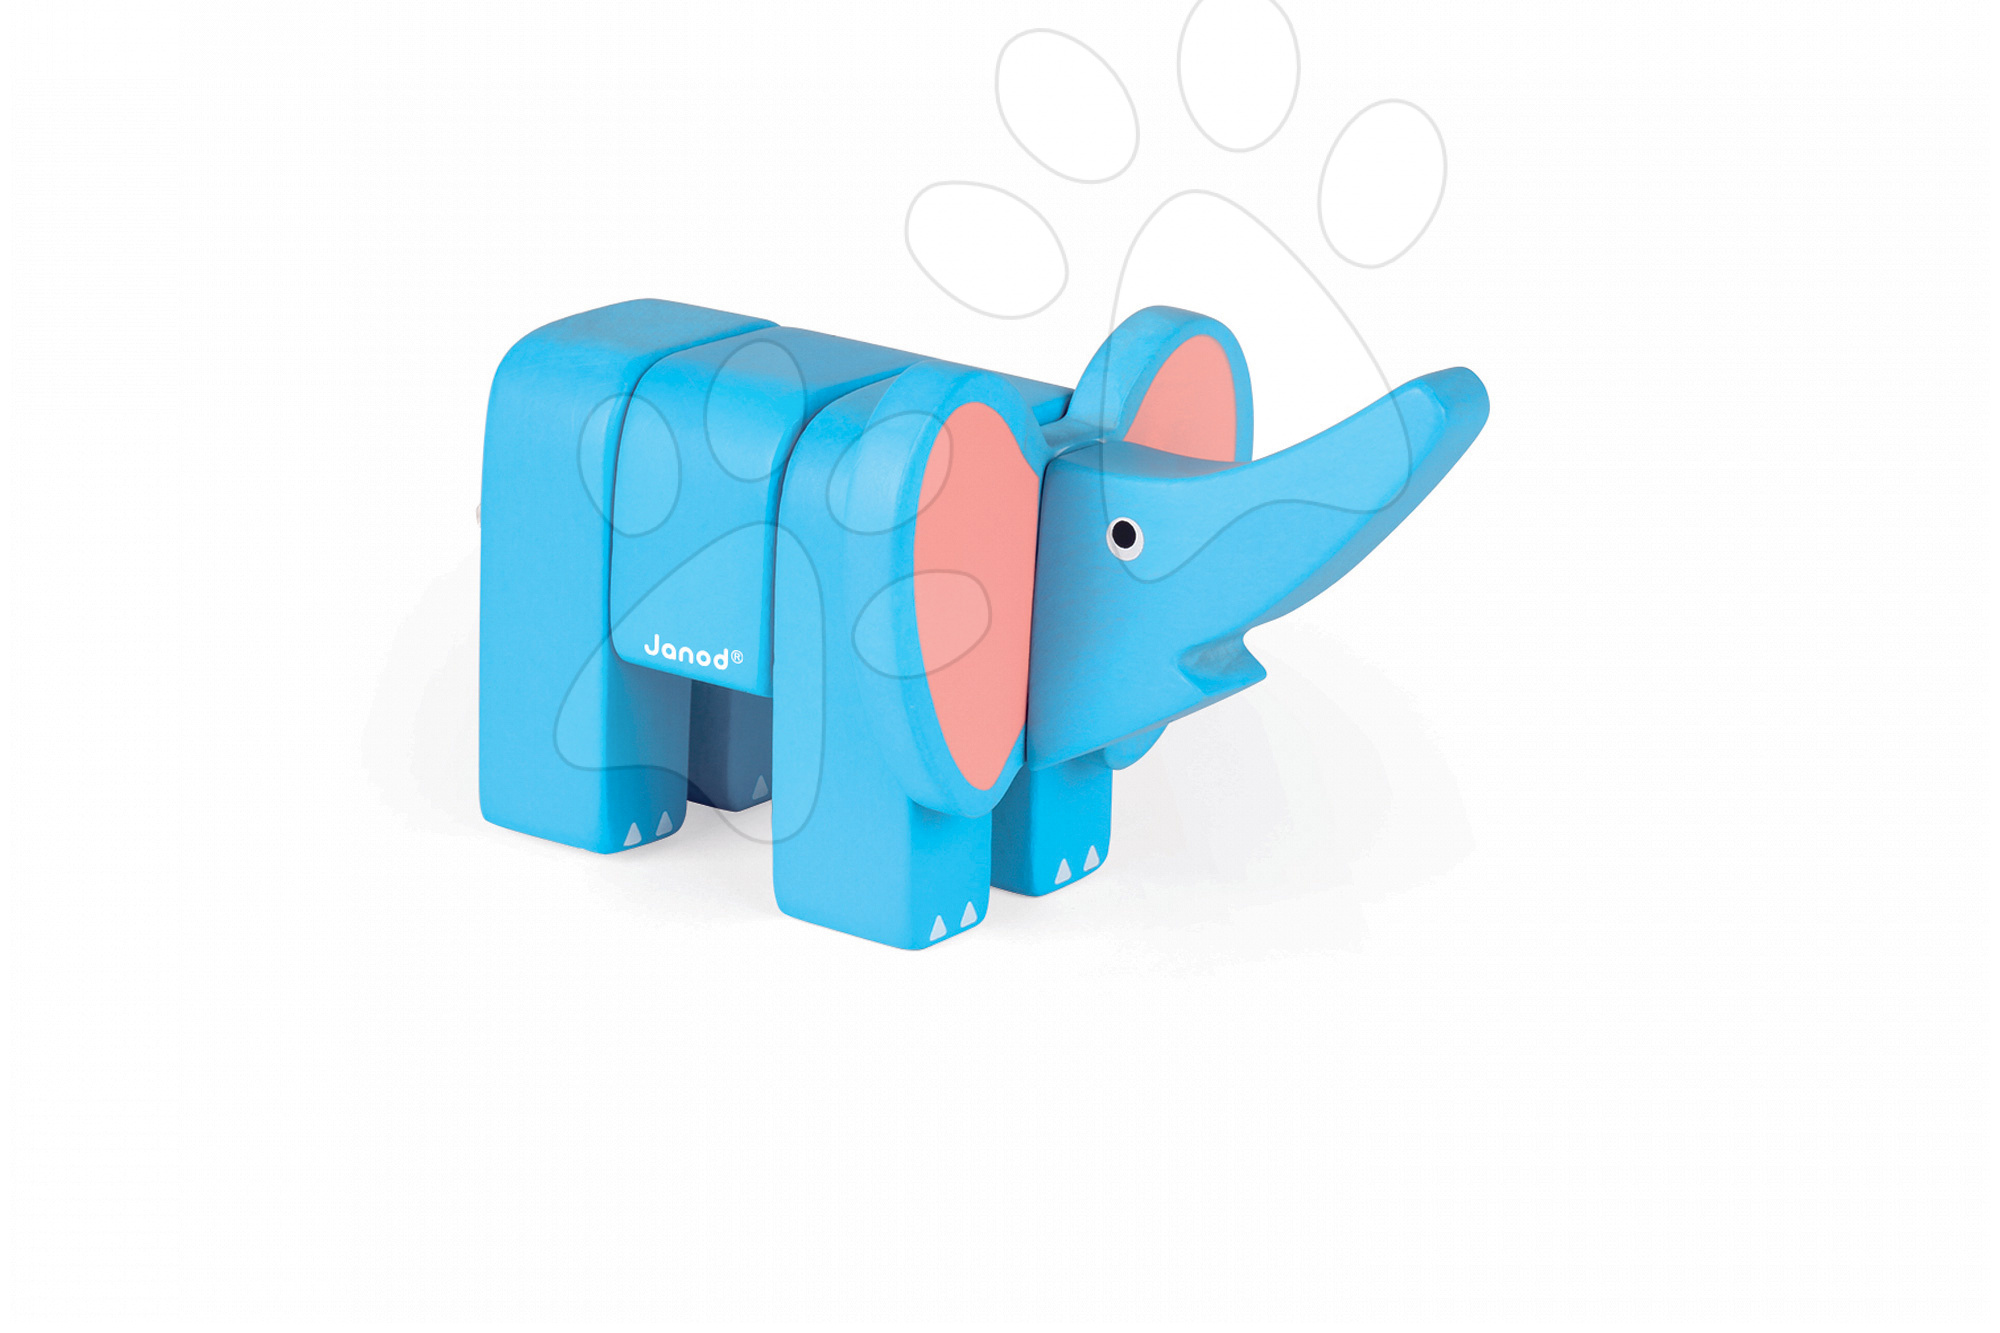 Drevené hračky pre najmenších - Drevené zvieratko slon Janod skladacie 4 diely od 24 mes